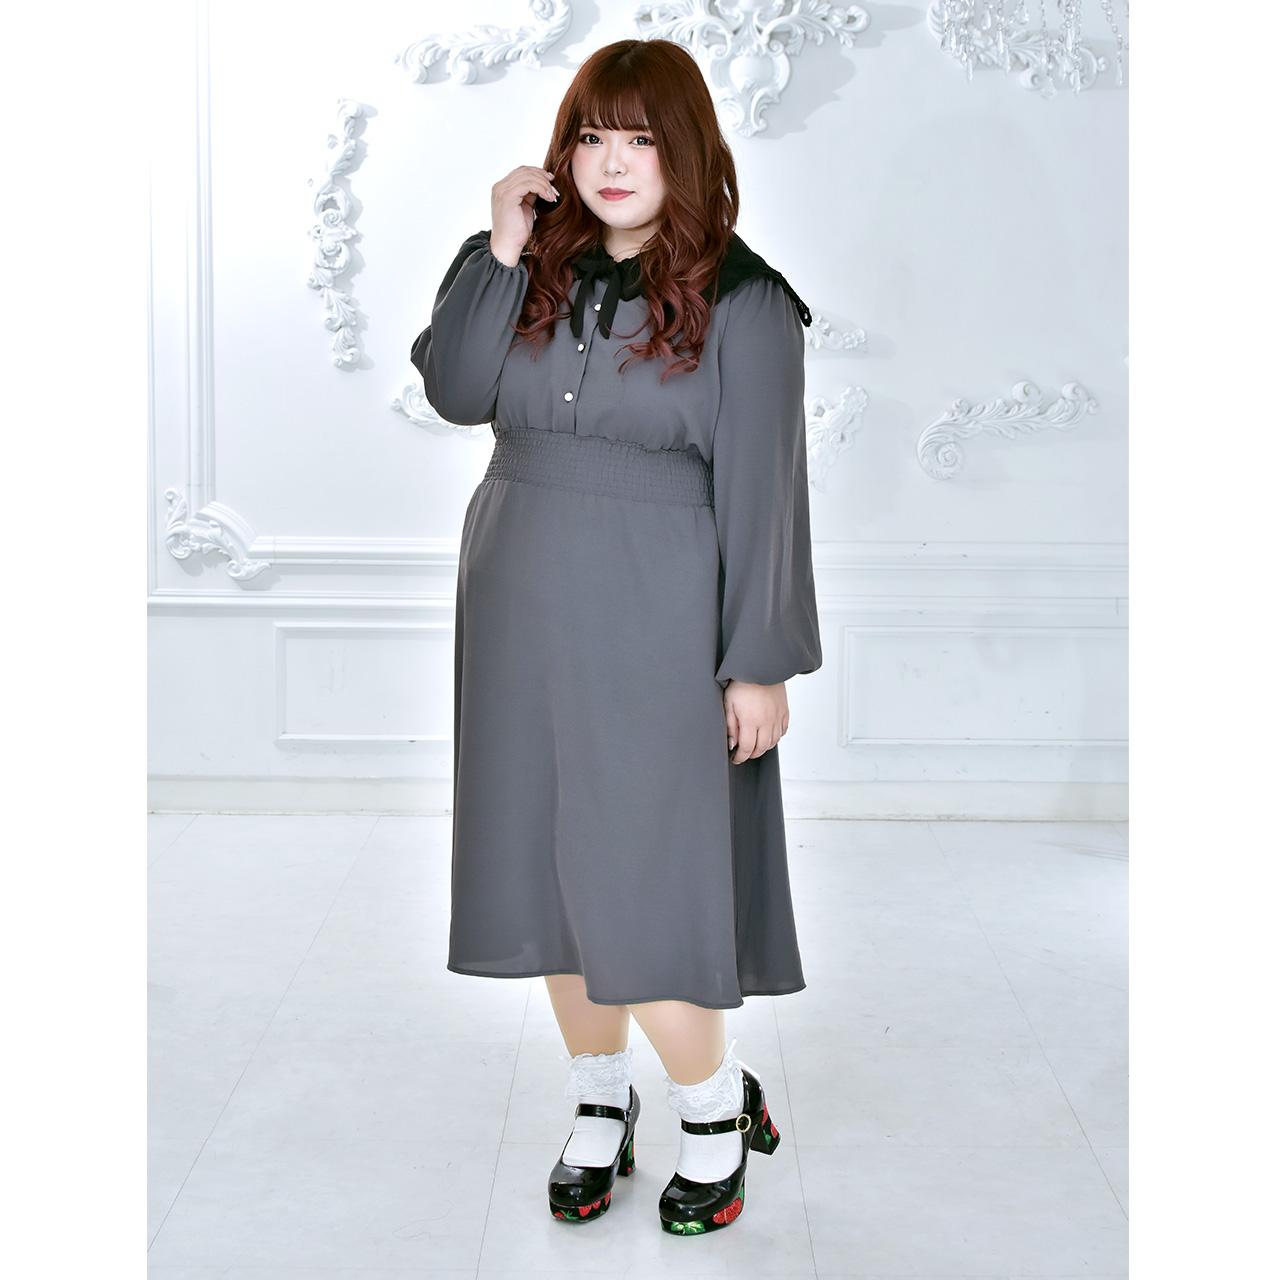 セーラーレース衿ワンピース(LL-3L/4L-5L)タベルノスキー量産型大きいサイズ2021春新作